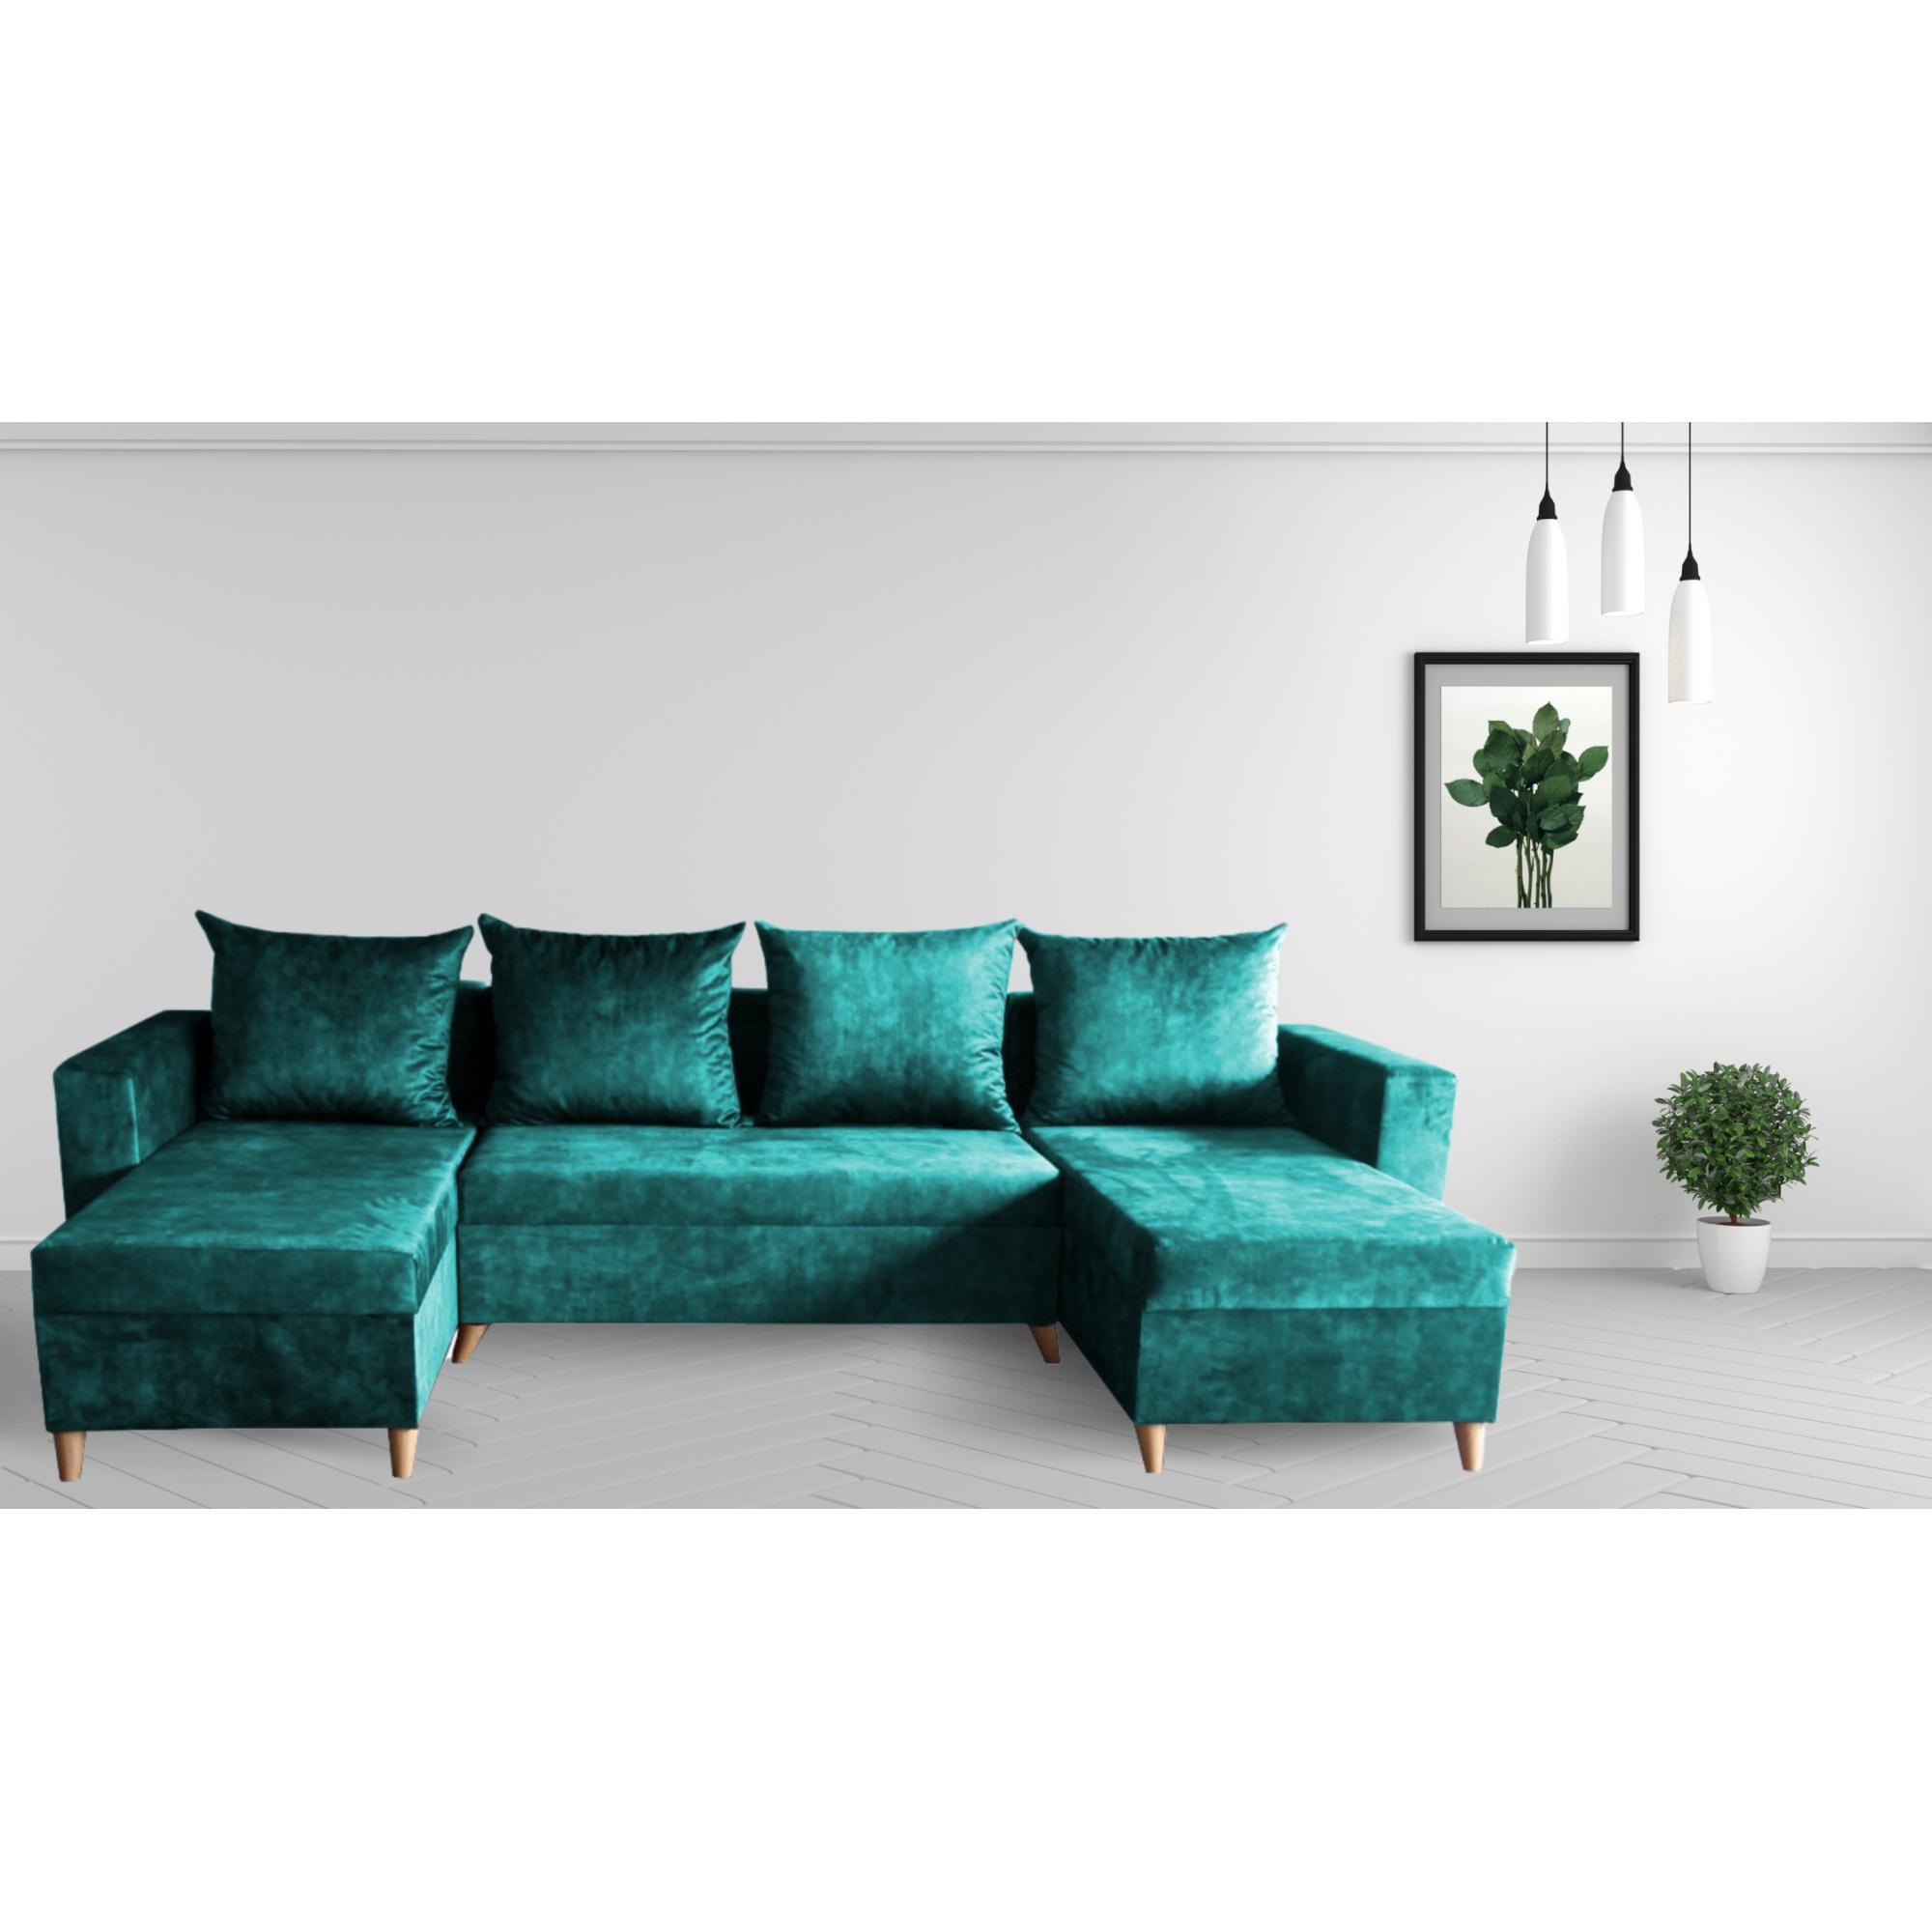 Разтегателен ъглов п-образен диван ANDOLI Promo-M ramada blue PO дамаска с 3 ракли и 4 бр възглавници